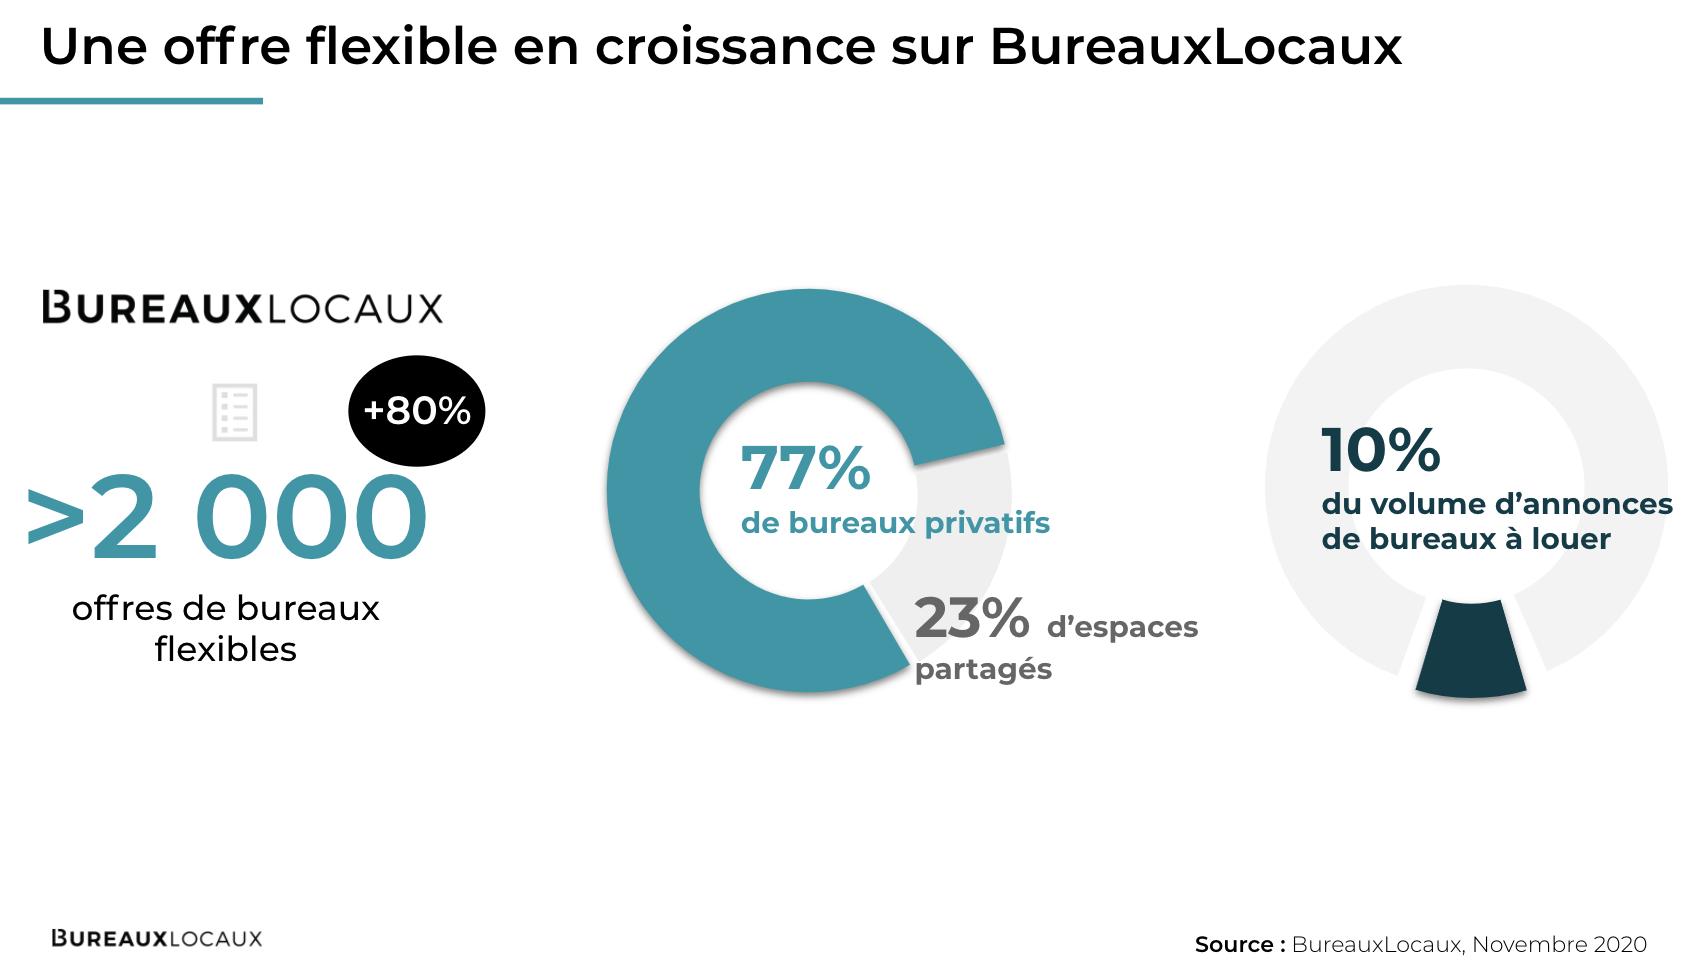 Bureaux_flexibles_BureauxLocaux_OFFRE